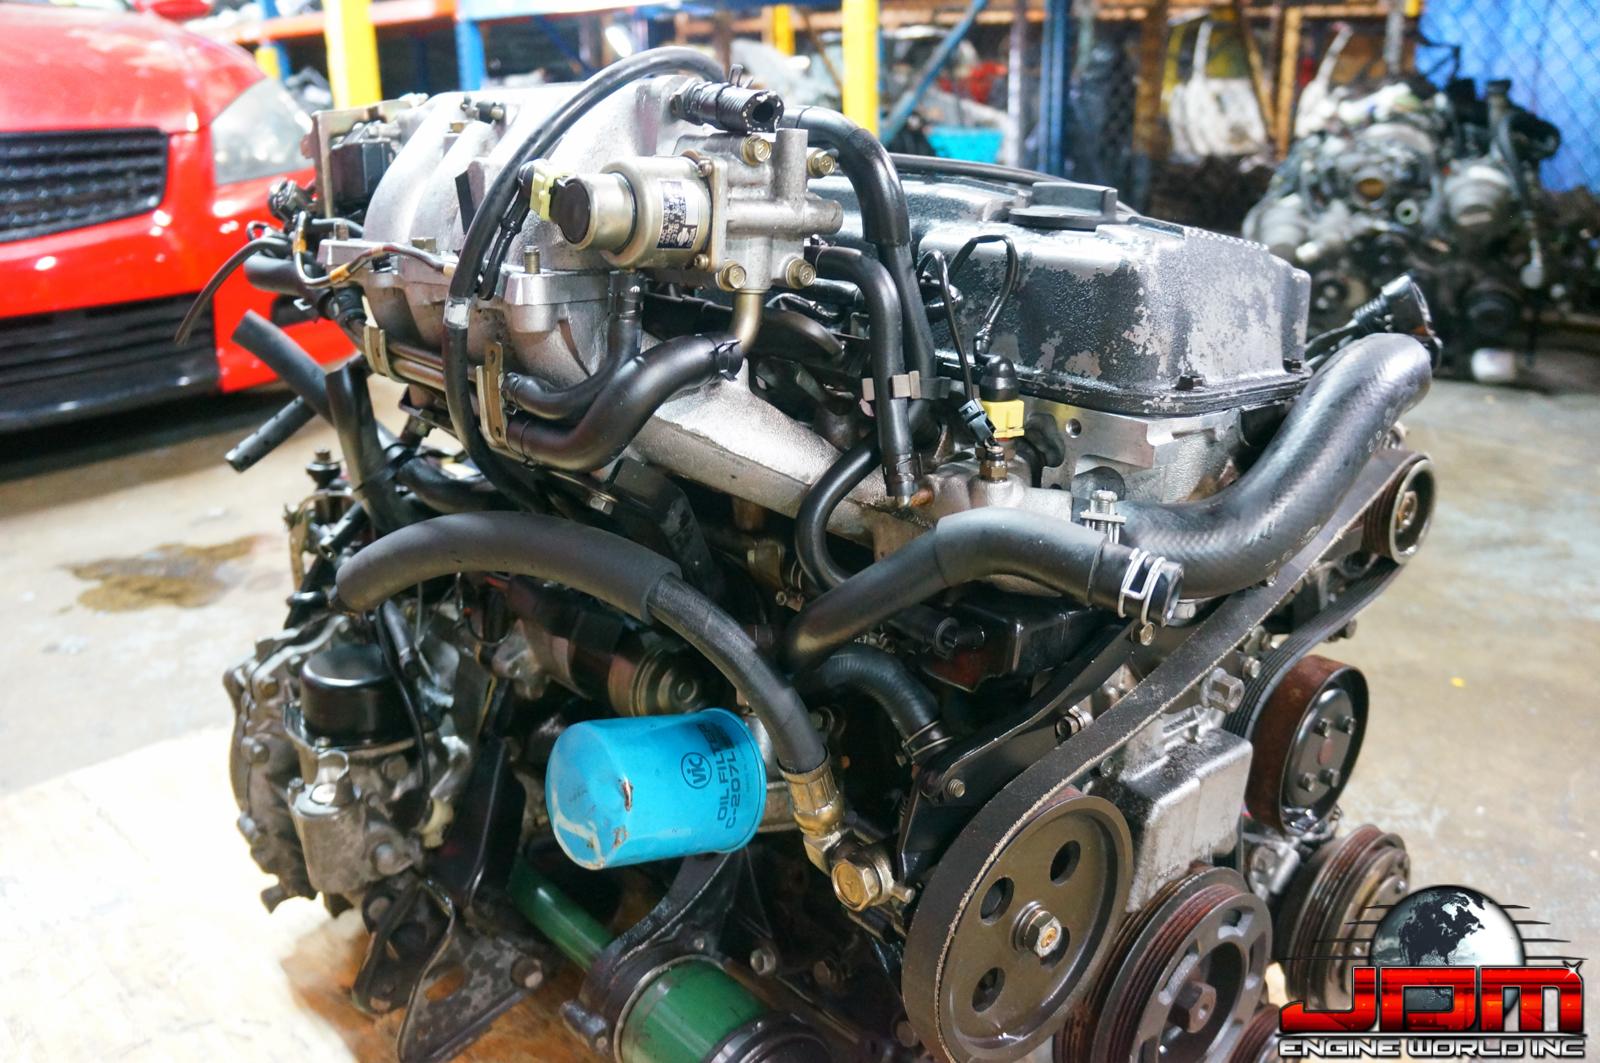 89-92 NISSAN STANZA KA24E ENGINE WITH AUTOMATIC TRANSMISSION U12 2.4L SOHC JDM KA24E